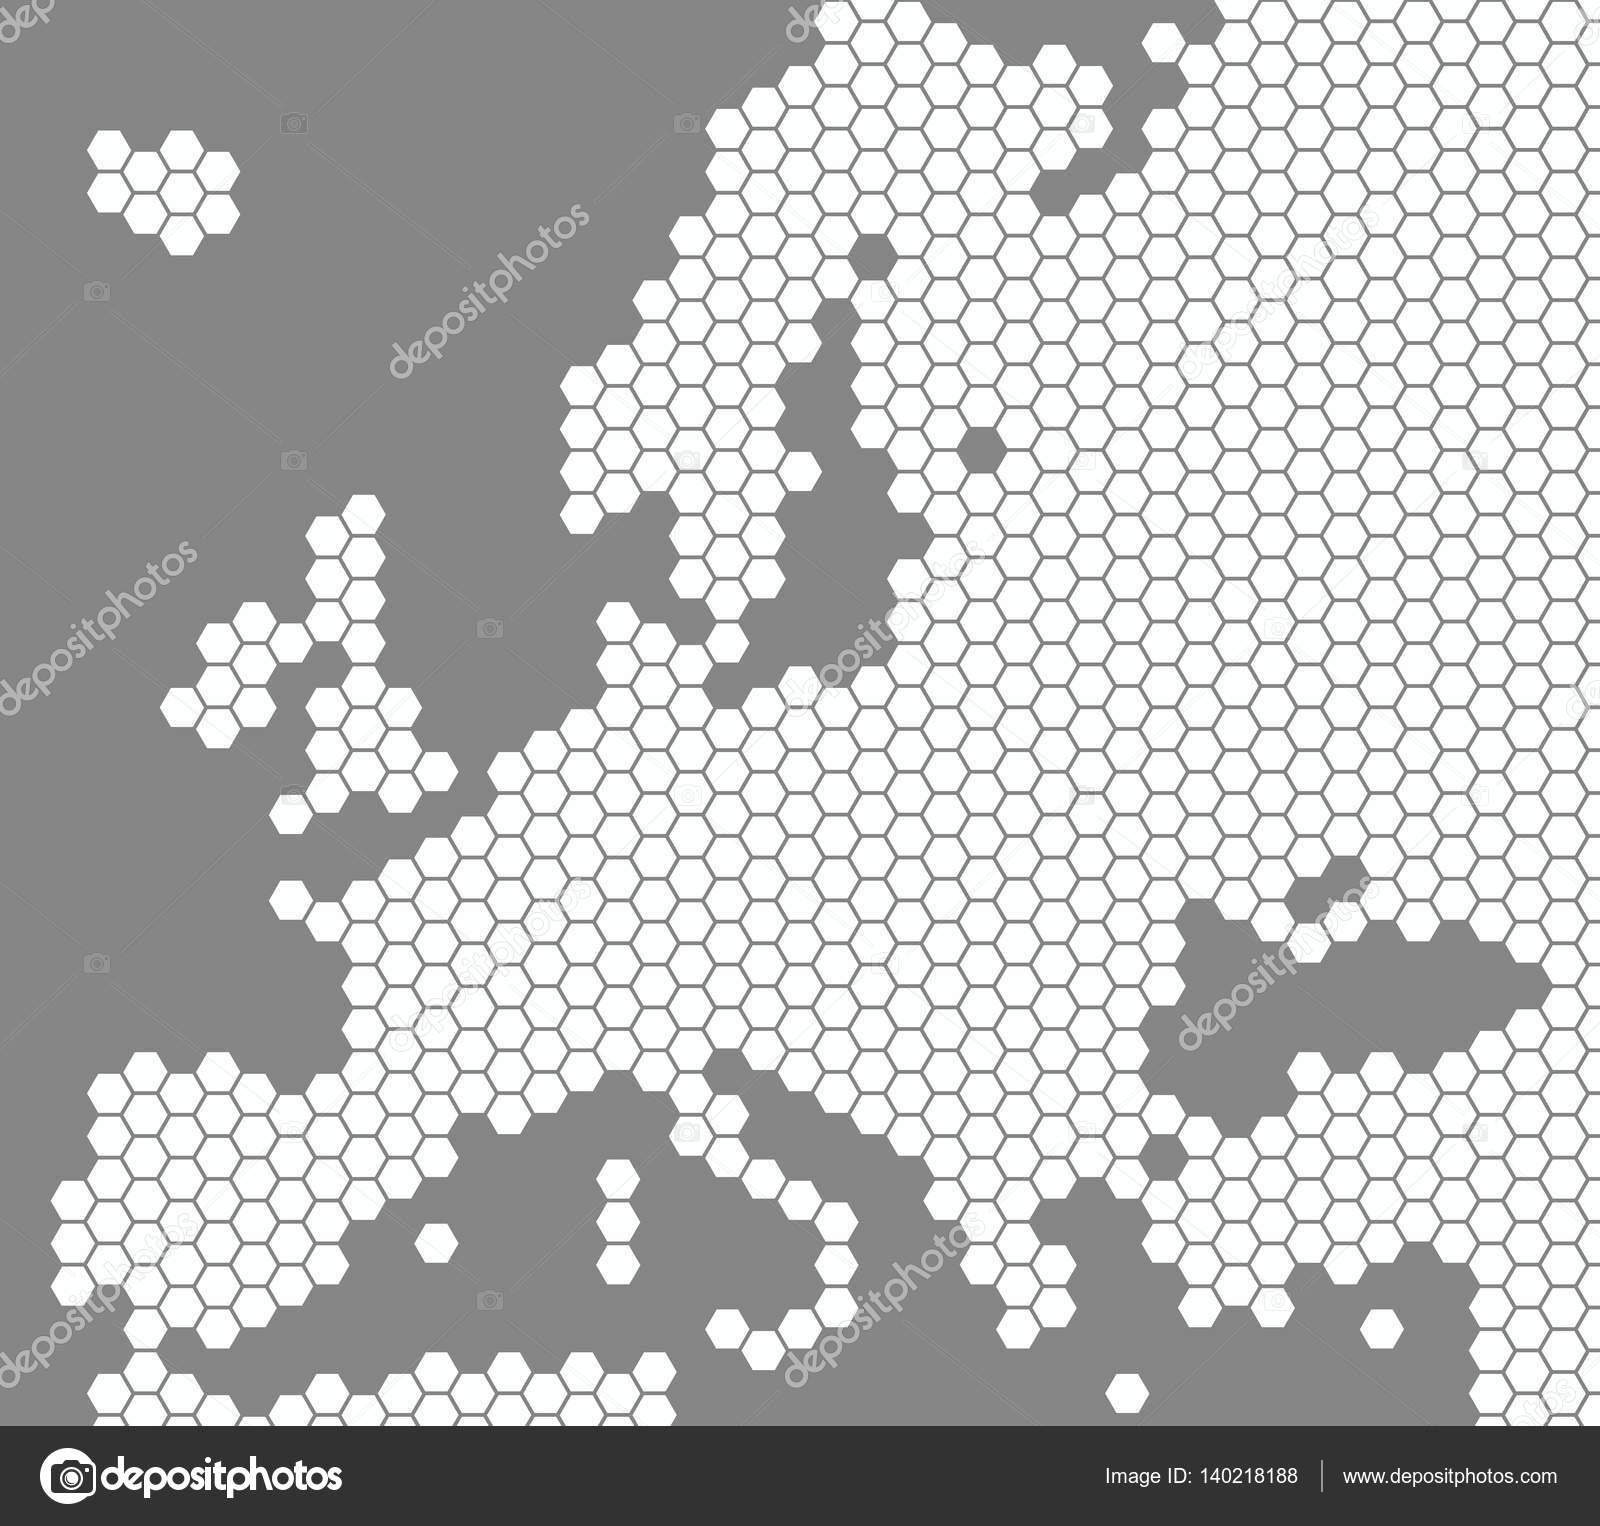 Carte Europe Blanche.Carte Blanche De L Europe Sur Fond Gris Photographie